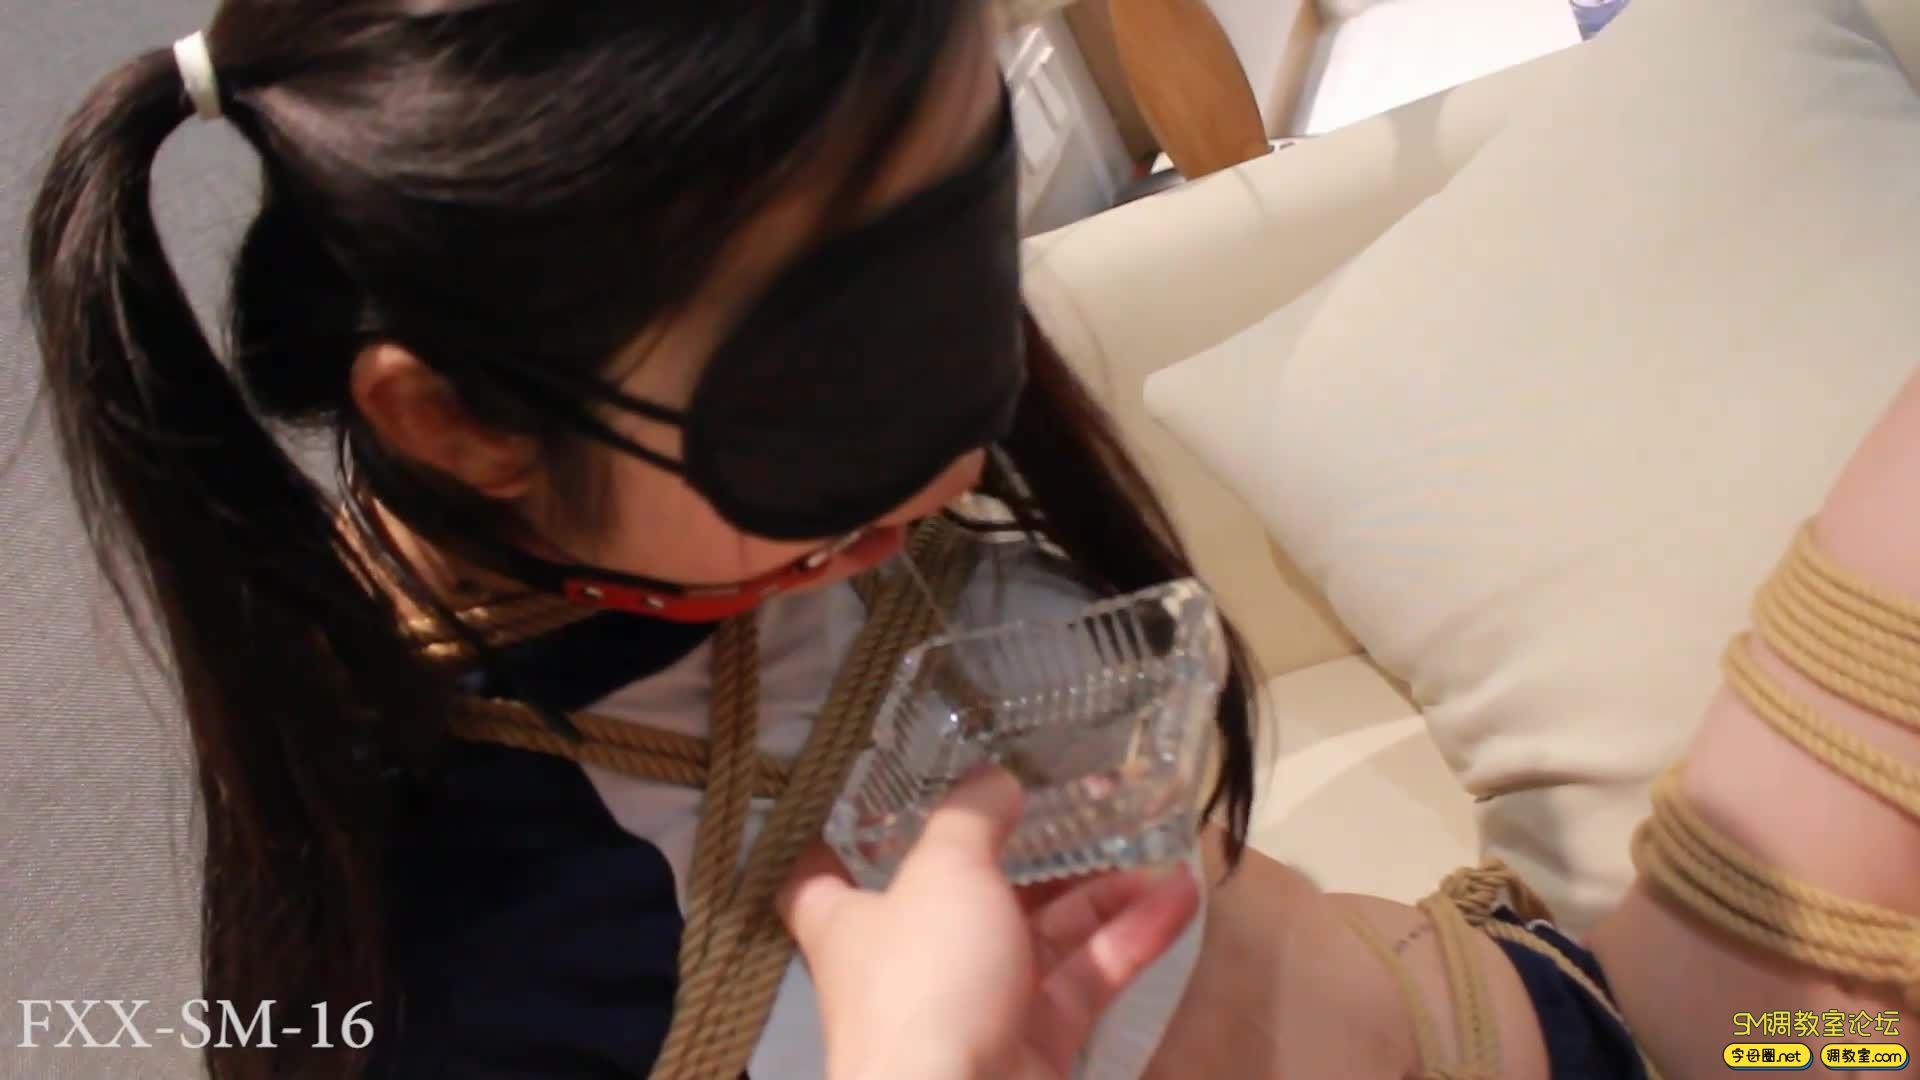 【FXX】最强电击器 体操服股绳捆绑调教-视频截图5